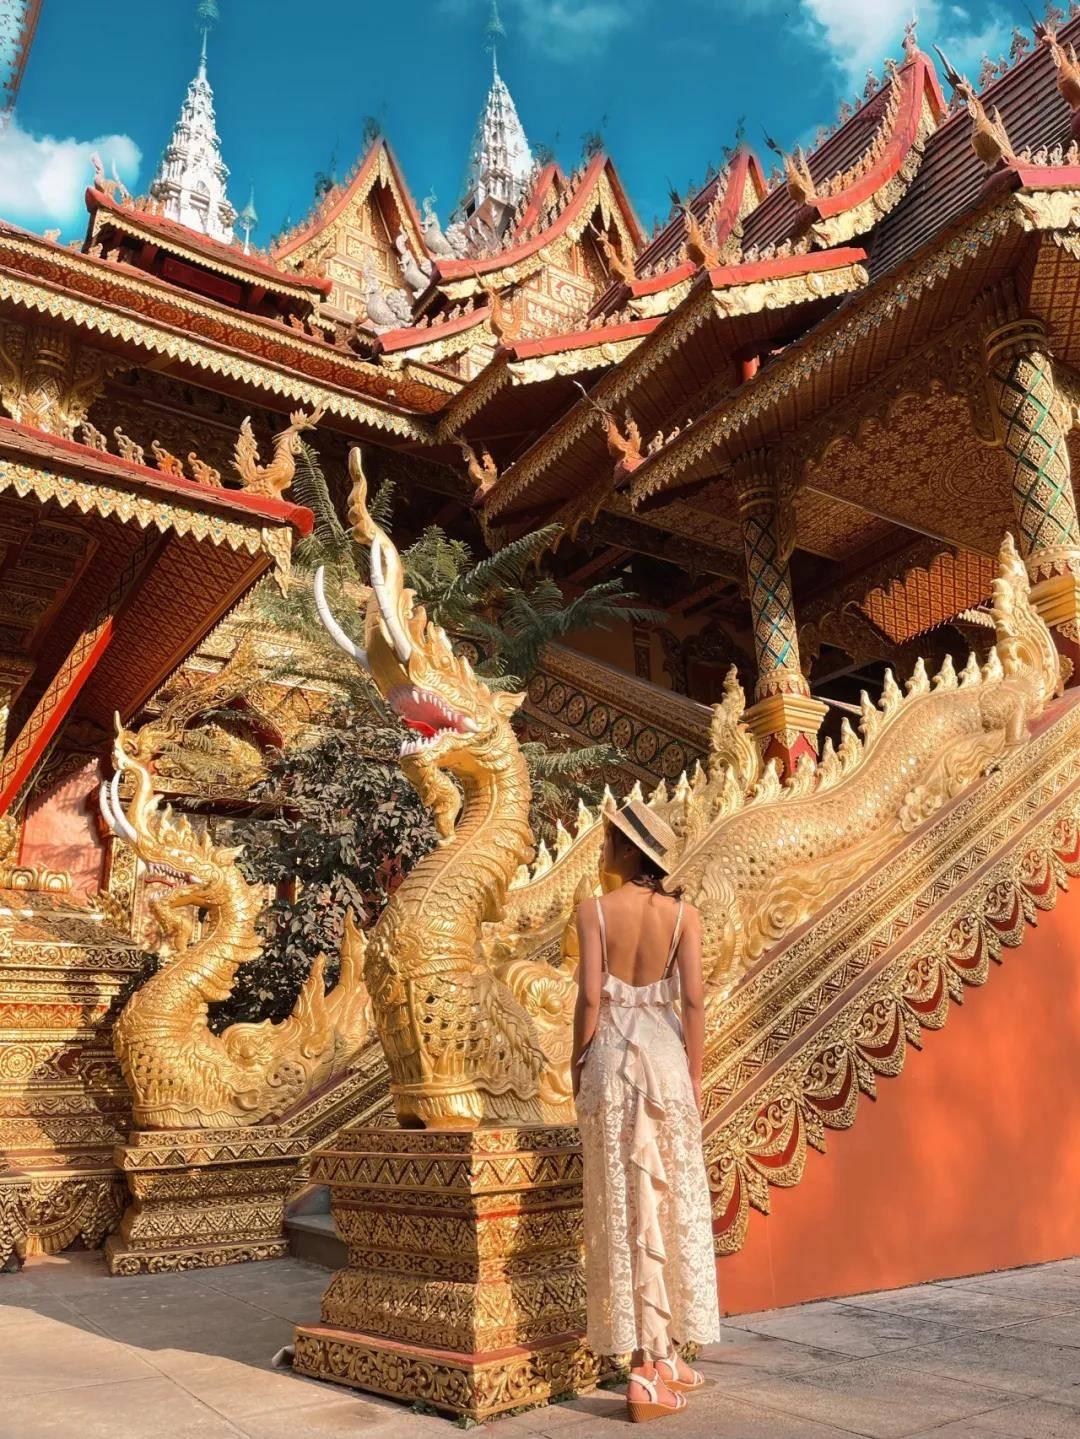 去西双版纳吗?一口 吻能逛完东南亚的那种